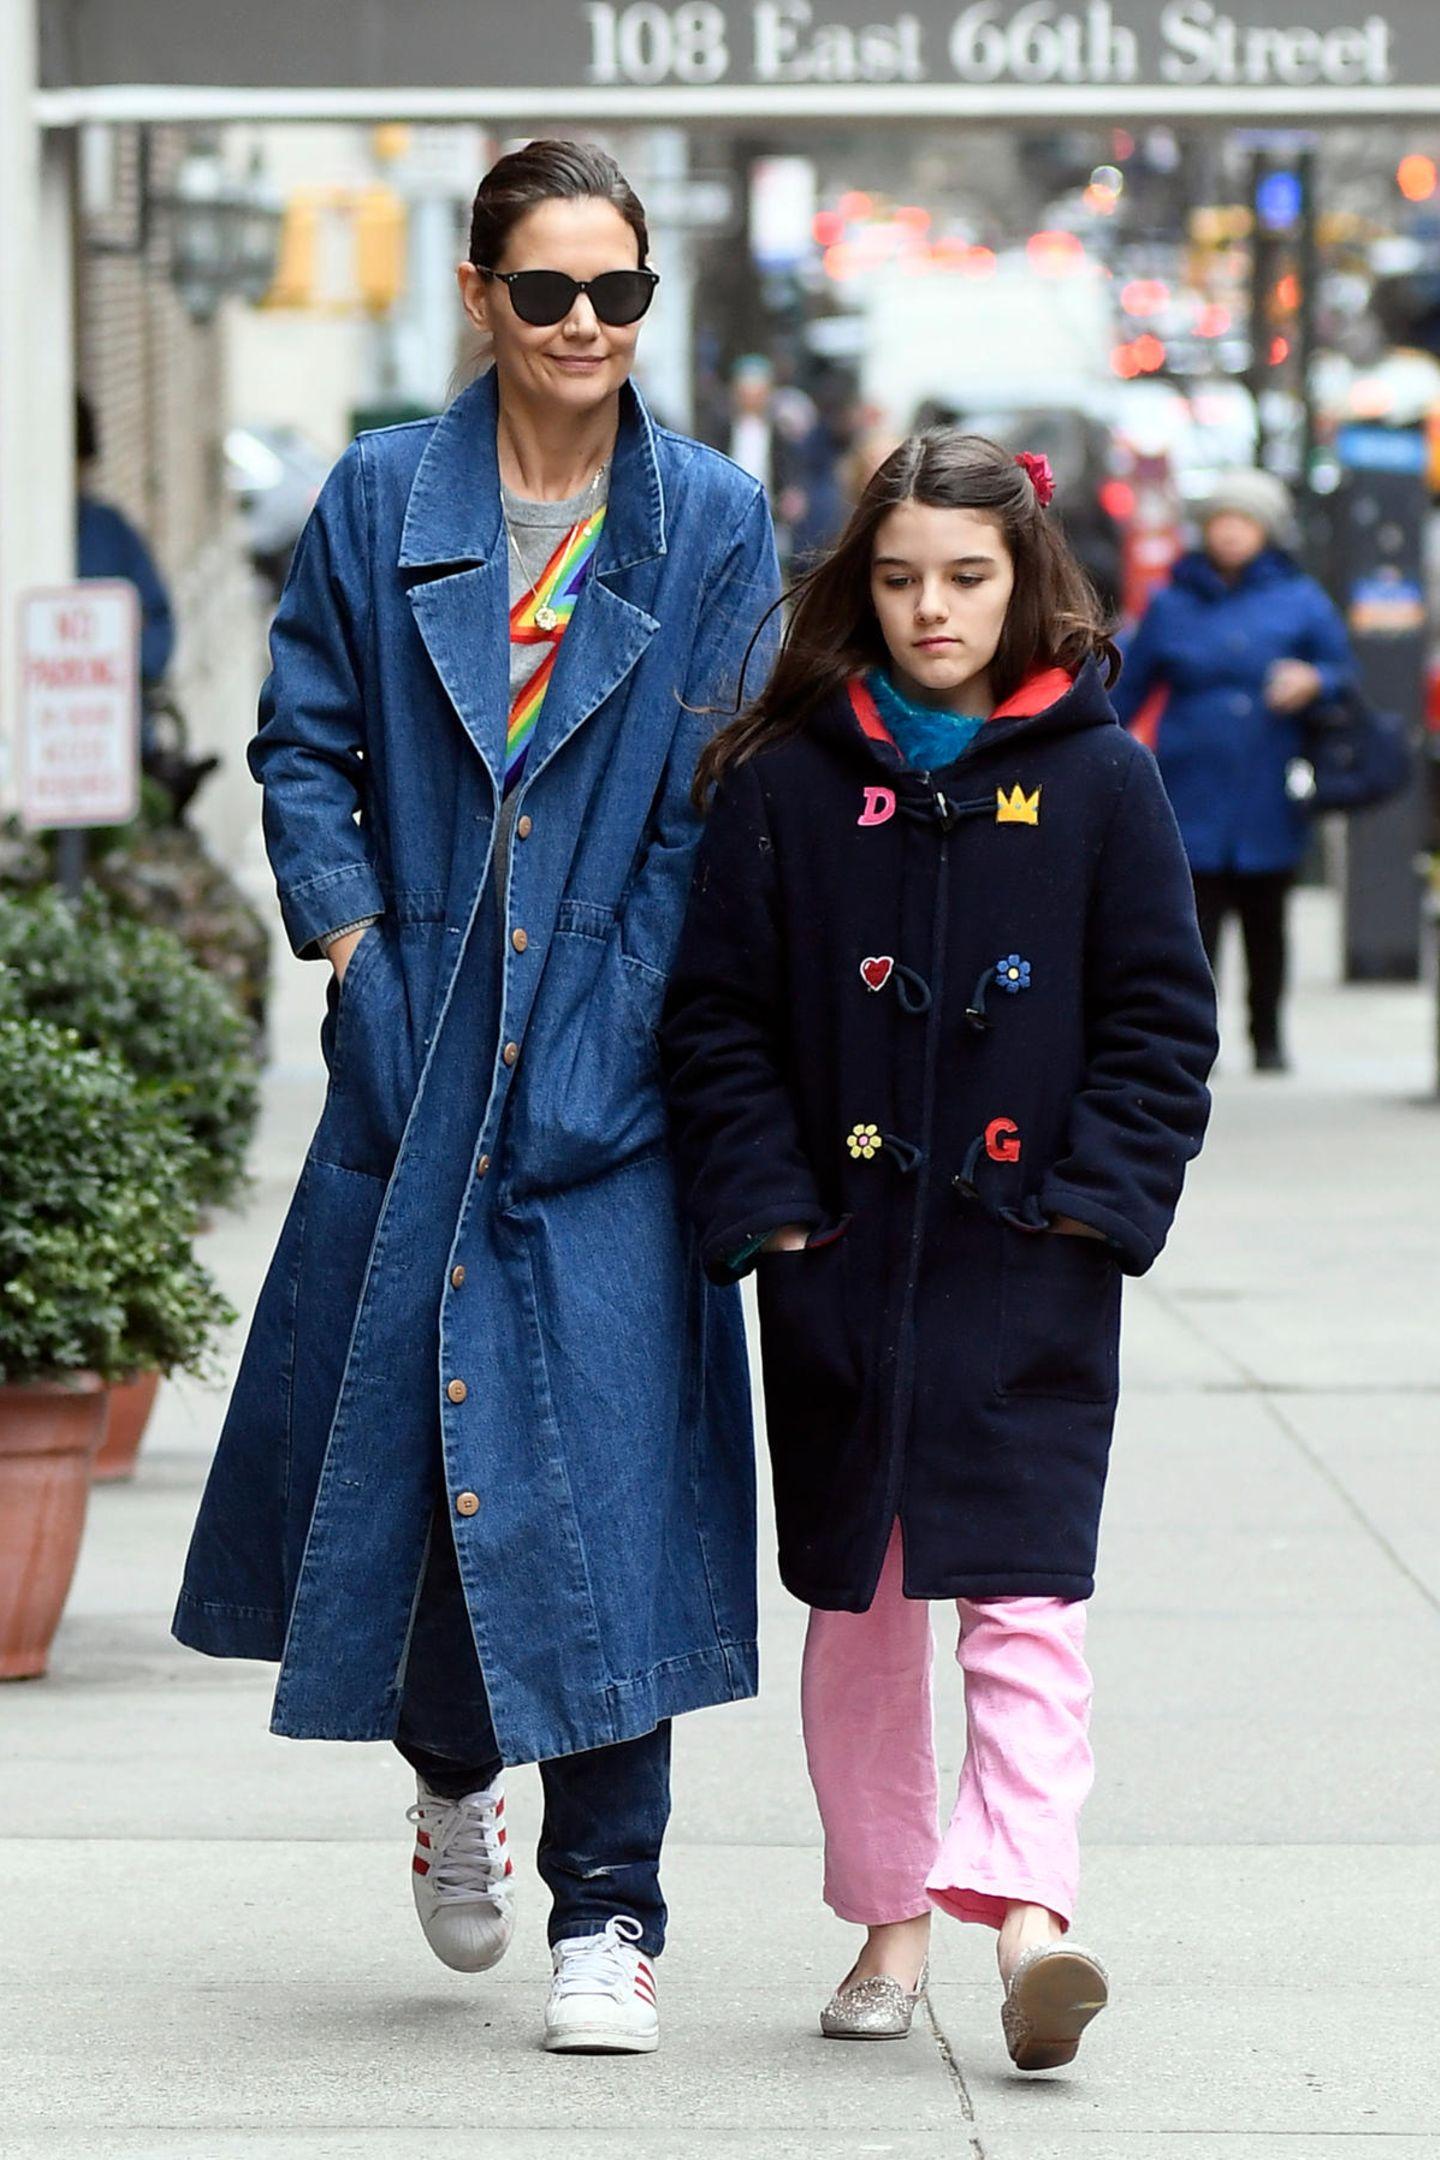 Was für ein entspanntes Mutter-Tochter-Duo: Katie Holmes und Suri Cruise schlendern in blauen Mänteln durch ihre Wahlheimat New York. Während Suri einen dunkelblauen Dufflecoat mit bunten Aufnähern trägt, hat sich Mama Katie für einen Trenchcoat aus Denim entschieden.